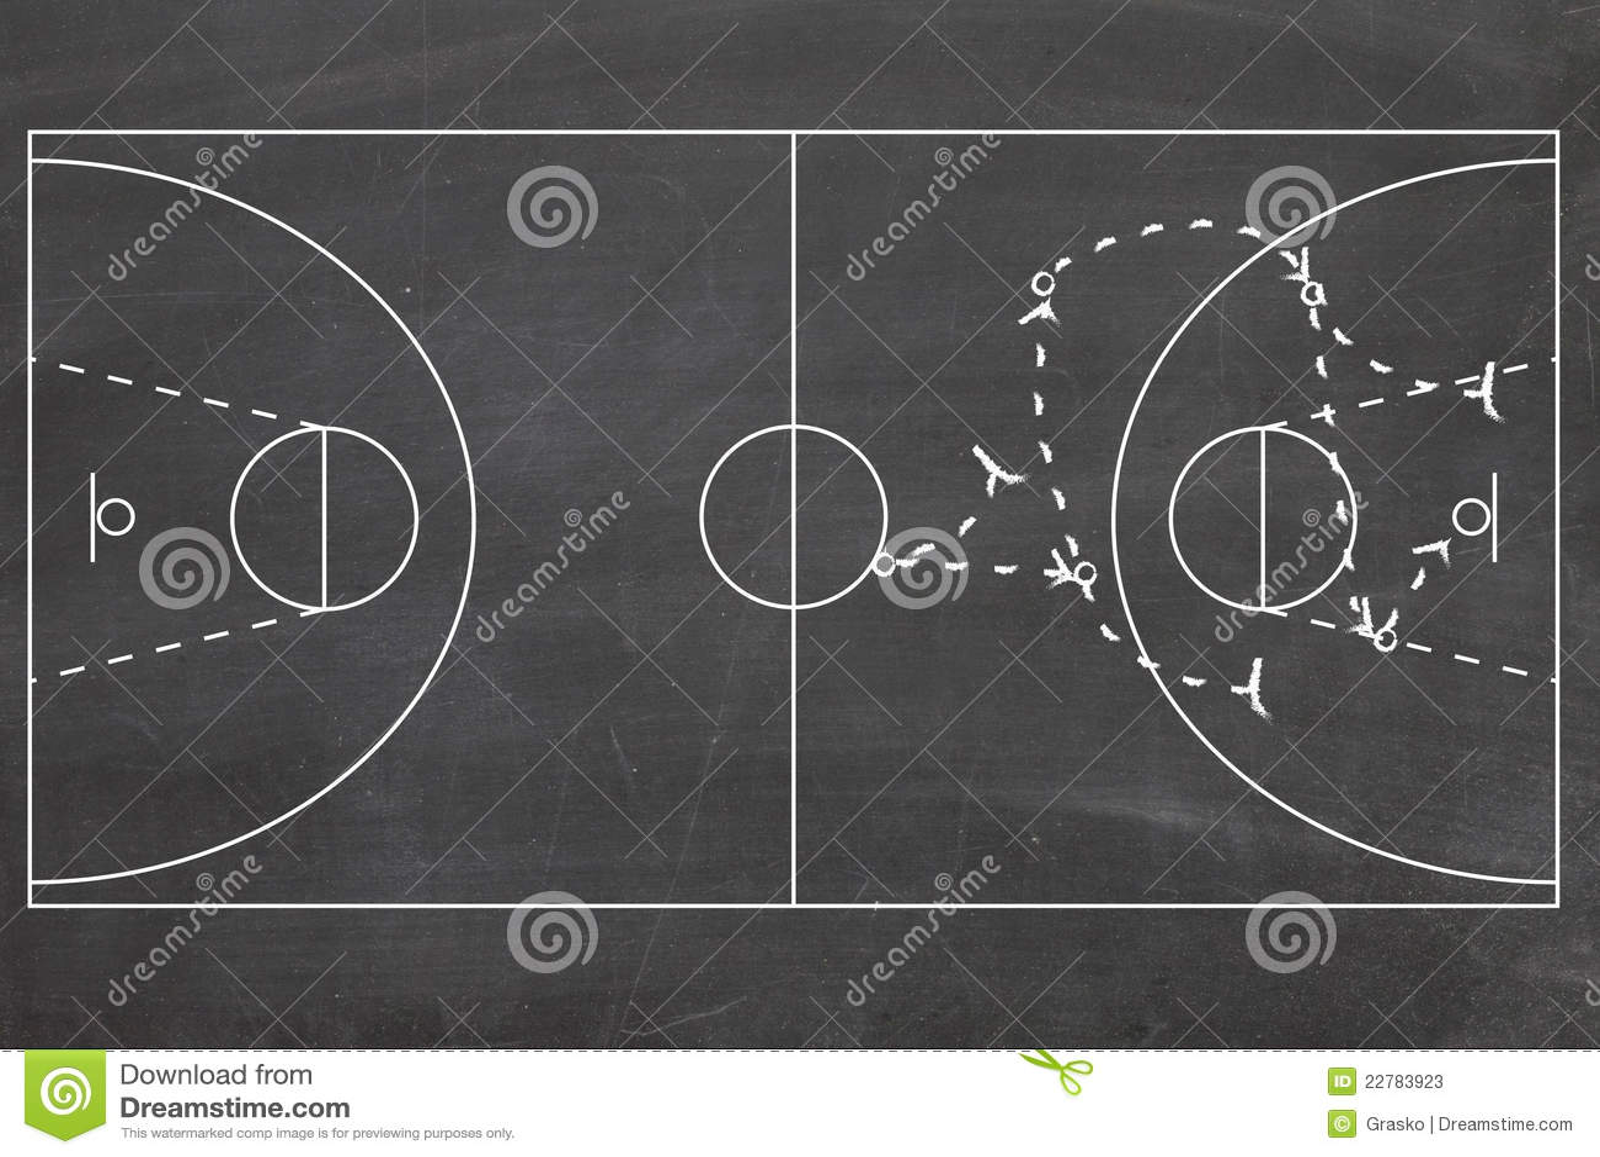 estrategia en baloncesto: